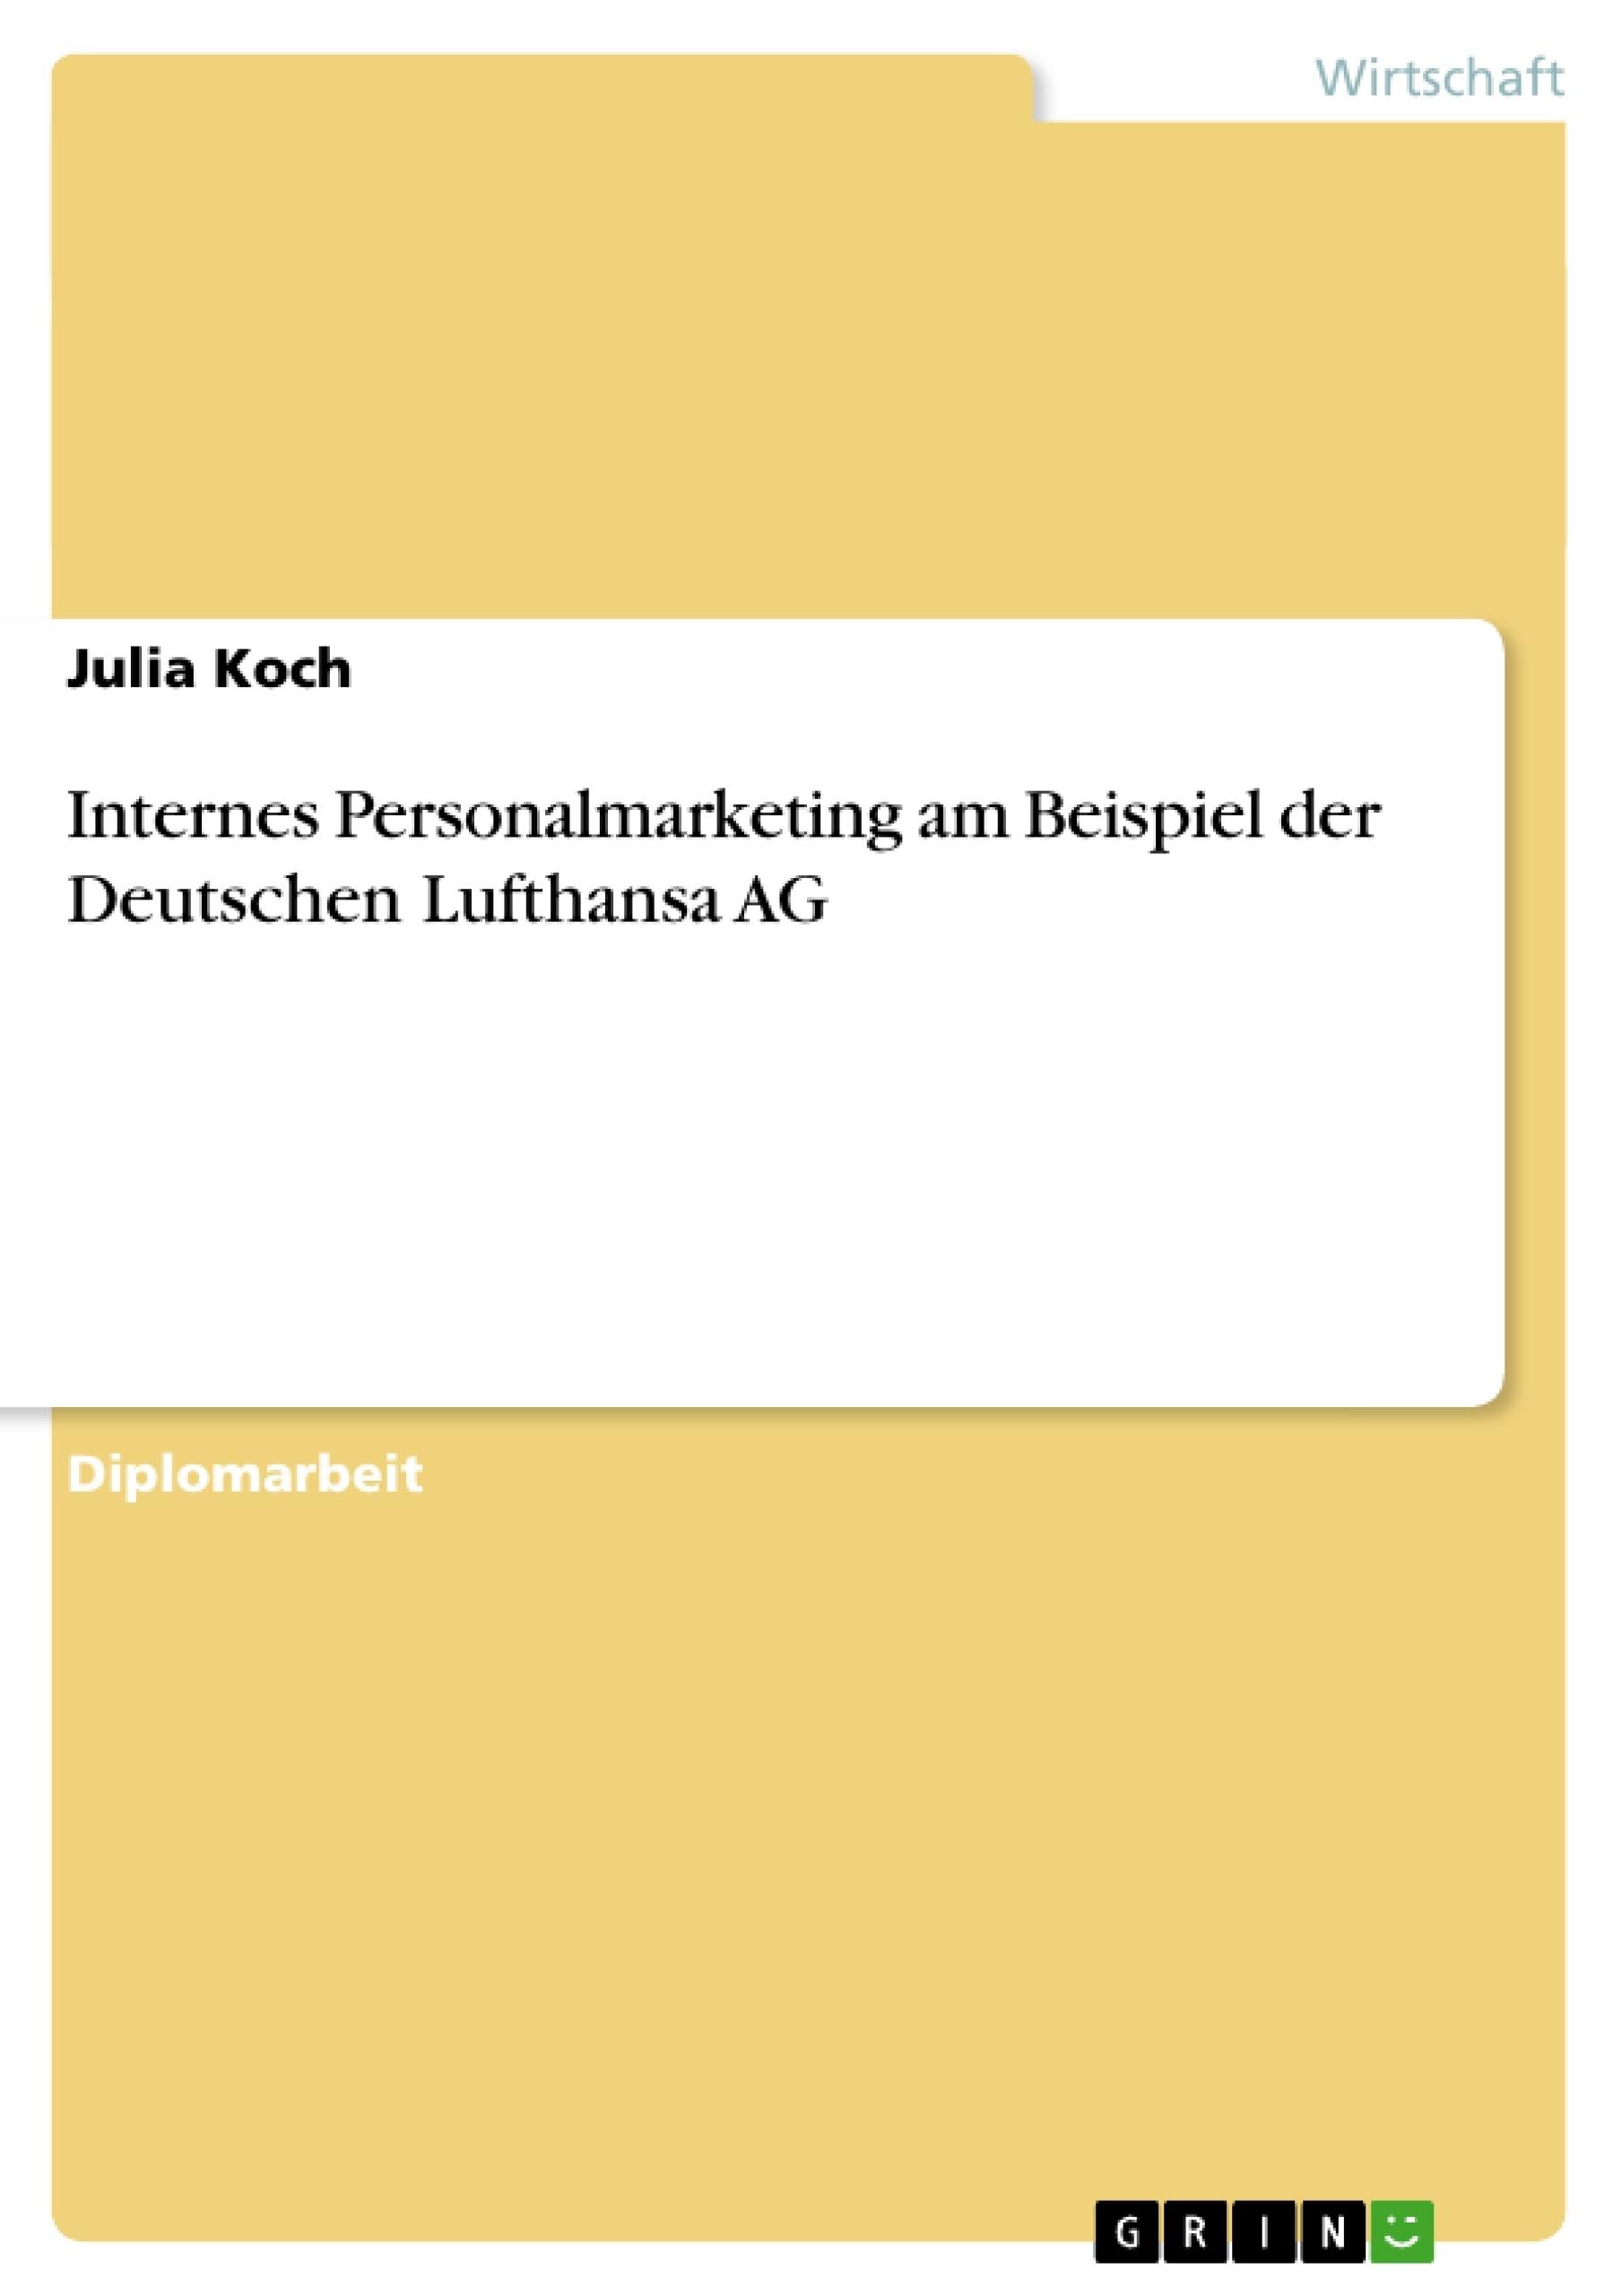 Titel: Internes Personalmarketing am Beispiel der Deutschen Lufthansa AG